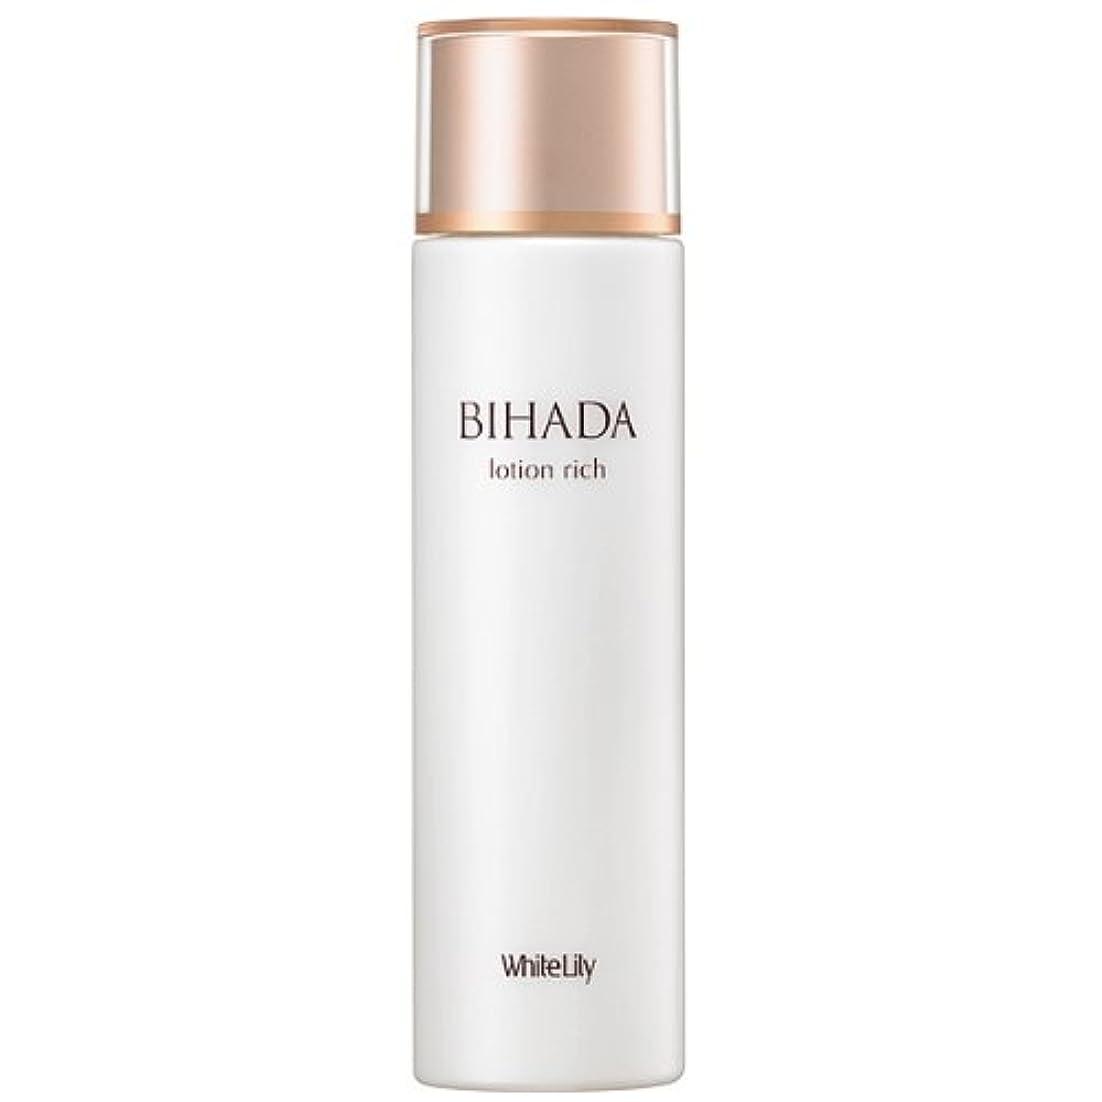 スクリュー恩恵素子ホワイトリリー BIHADAローションリッチ 155mL 化粧水